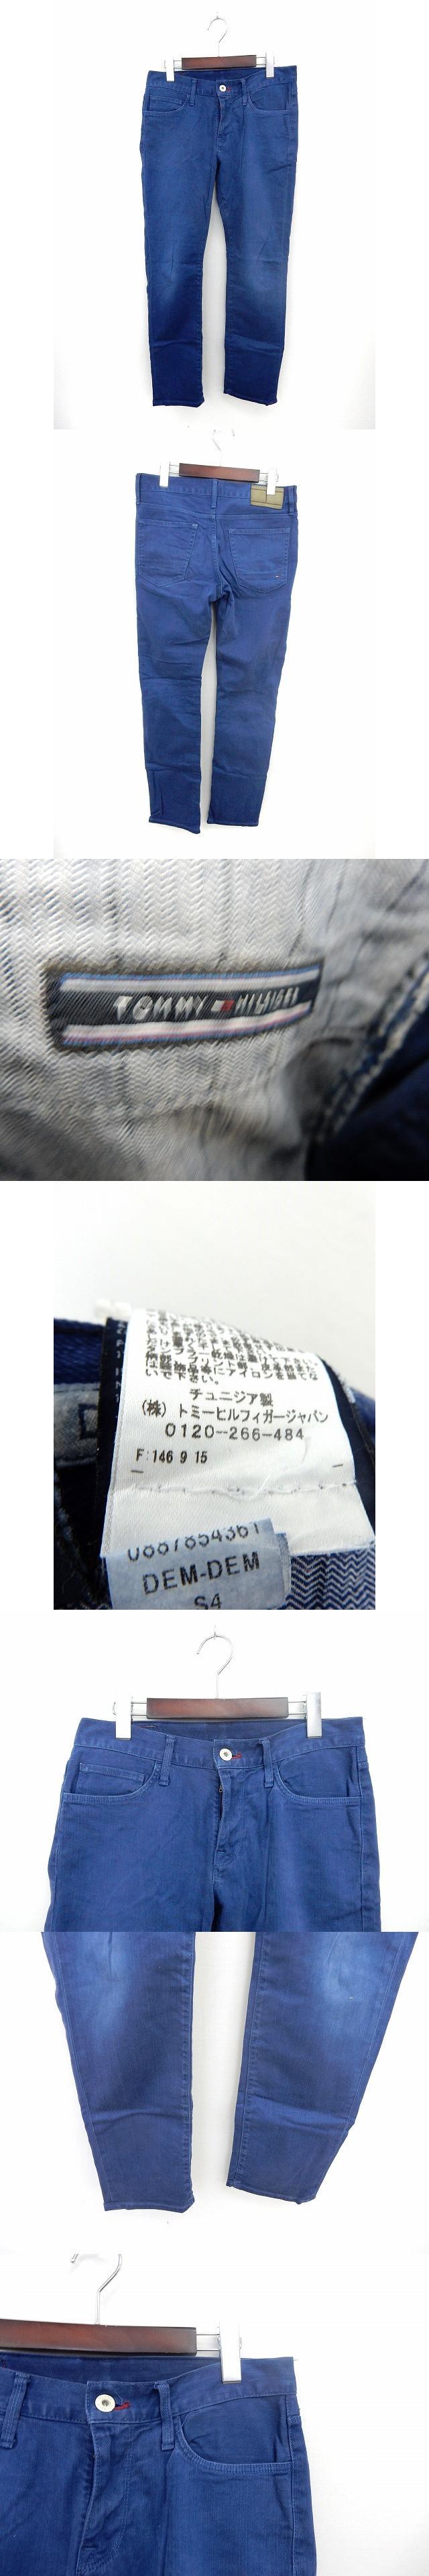 国内正規 パンツ デニム ジーンズ ロング スリム ジップフライ ポケット w30 ブルー /ST8